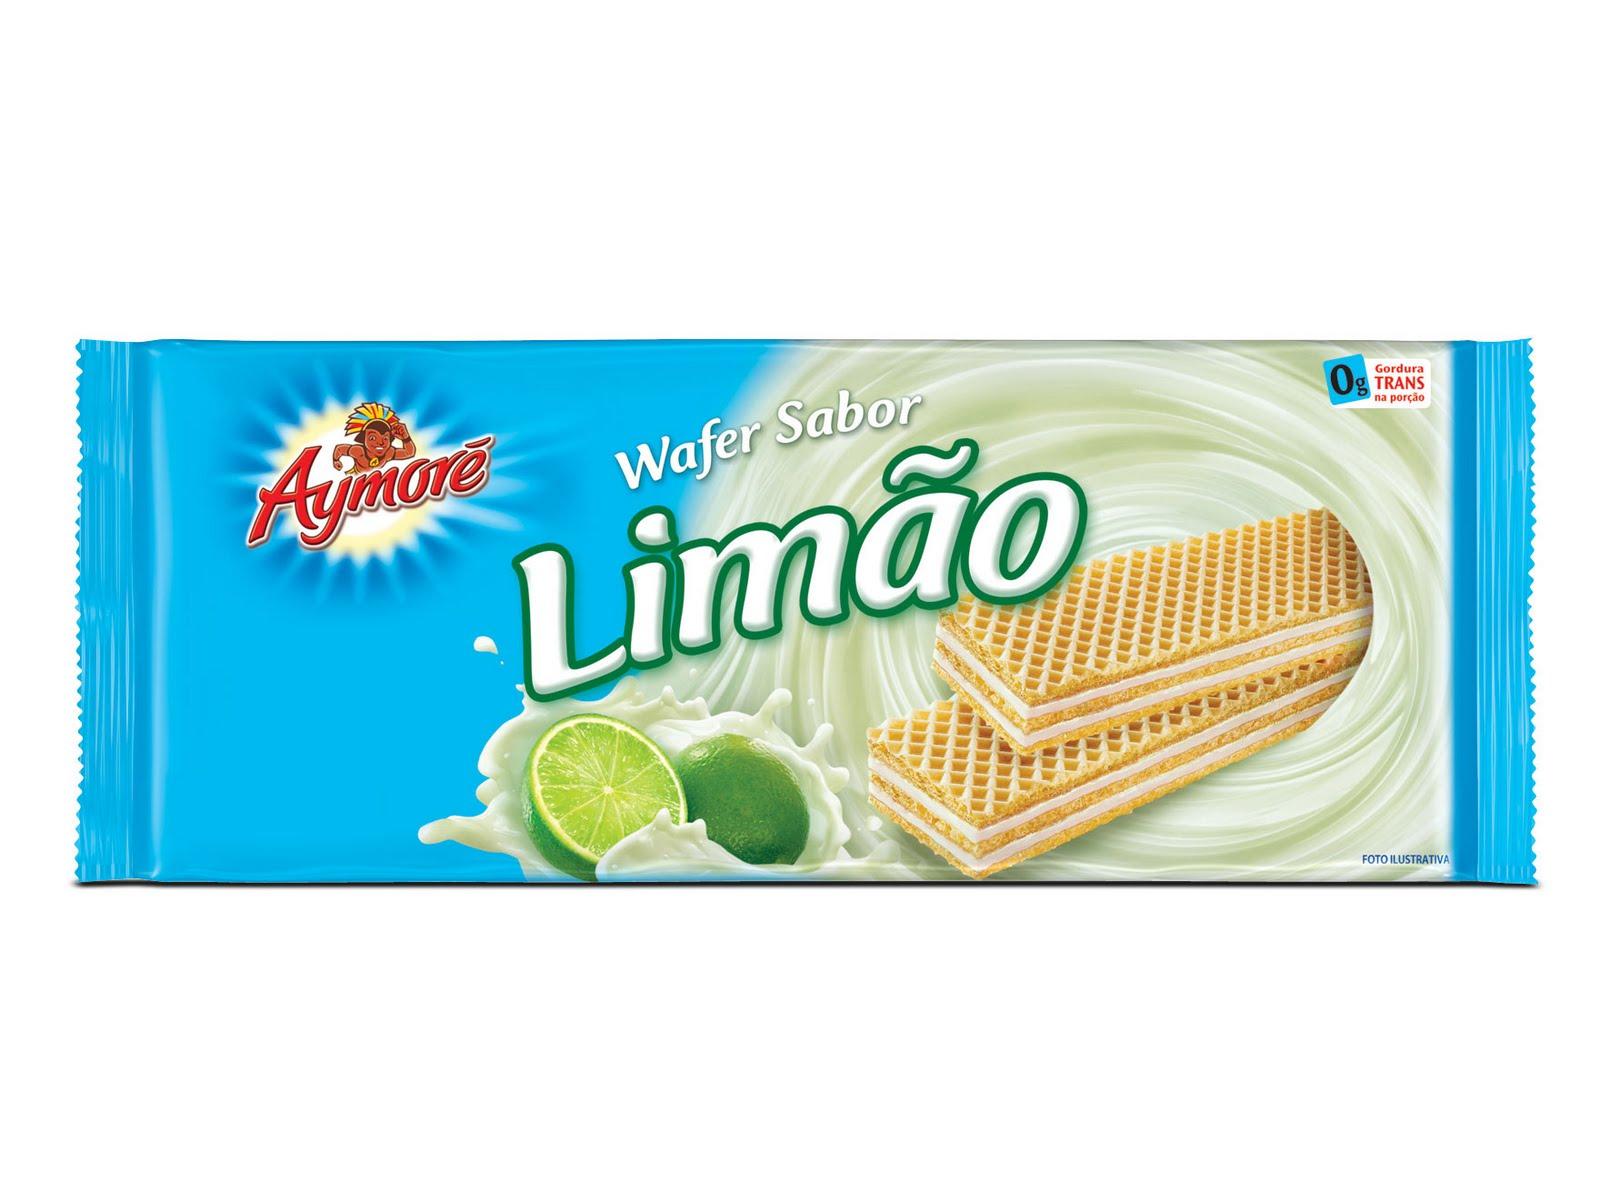 http://2.bp.blogspot.com/-h5OjAuOW4v8/TbG6Zek9KoI/AAAAAAAAABU/HHka1y_iblM/s1600/wafer-aymore-limao.jpg